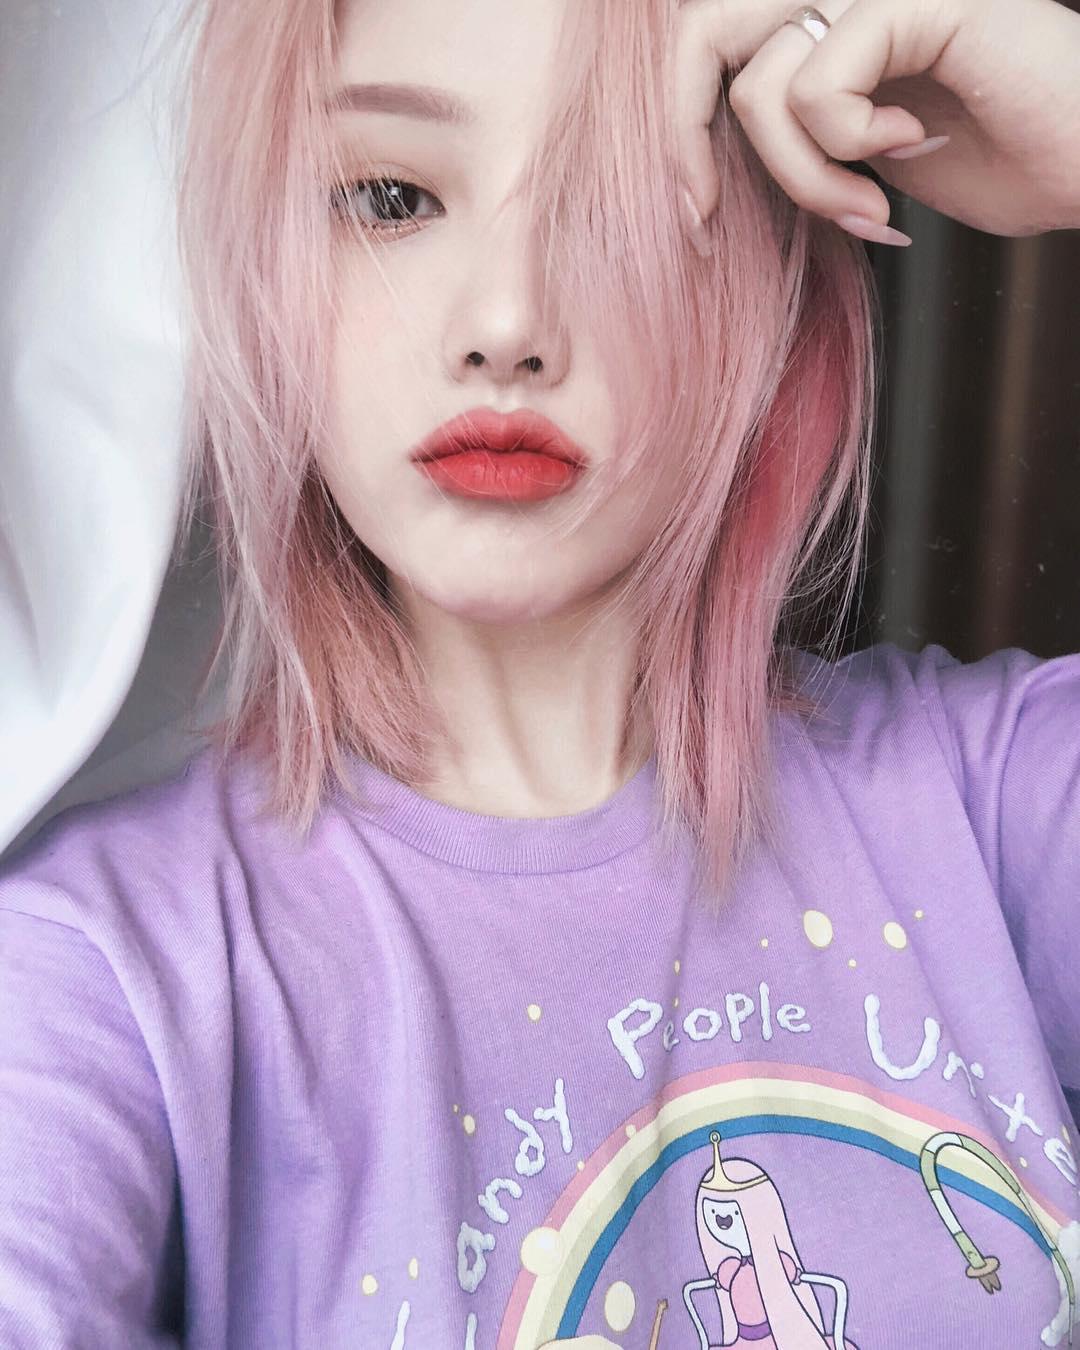 Điểm qua những makeup look siêu xinh của Phù thủy Pony mà con gái có thể tập tành áp dụng trong hè